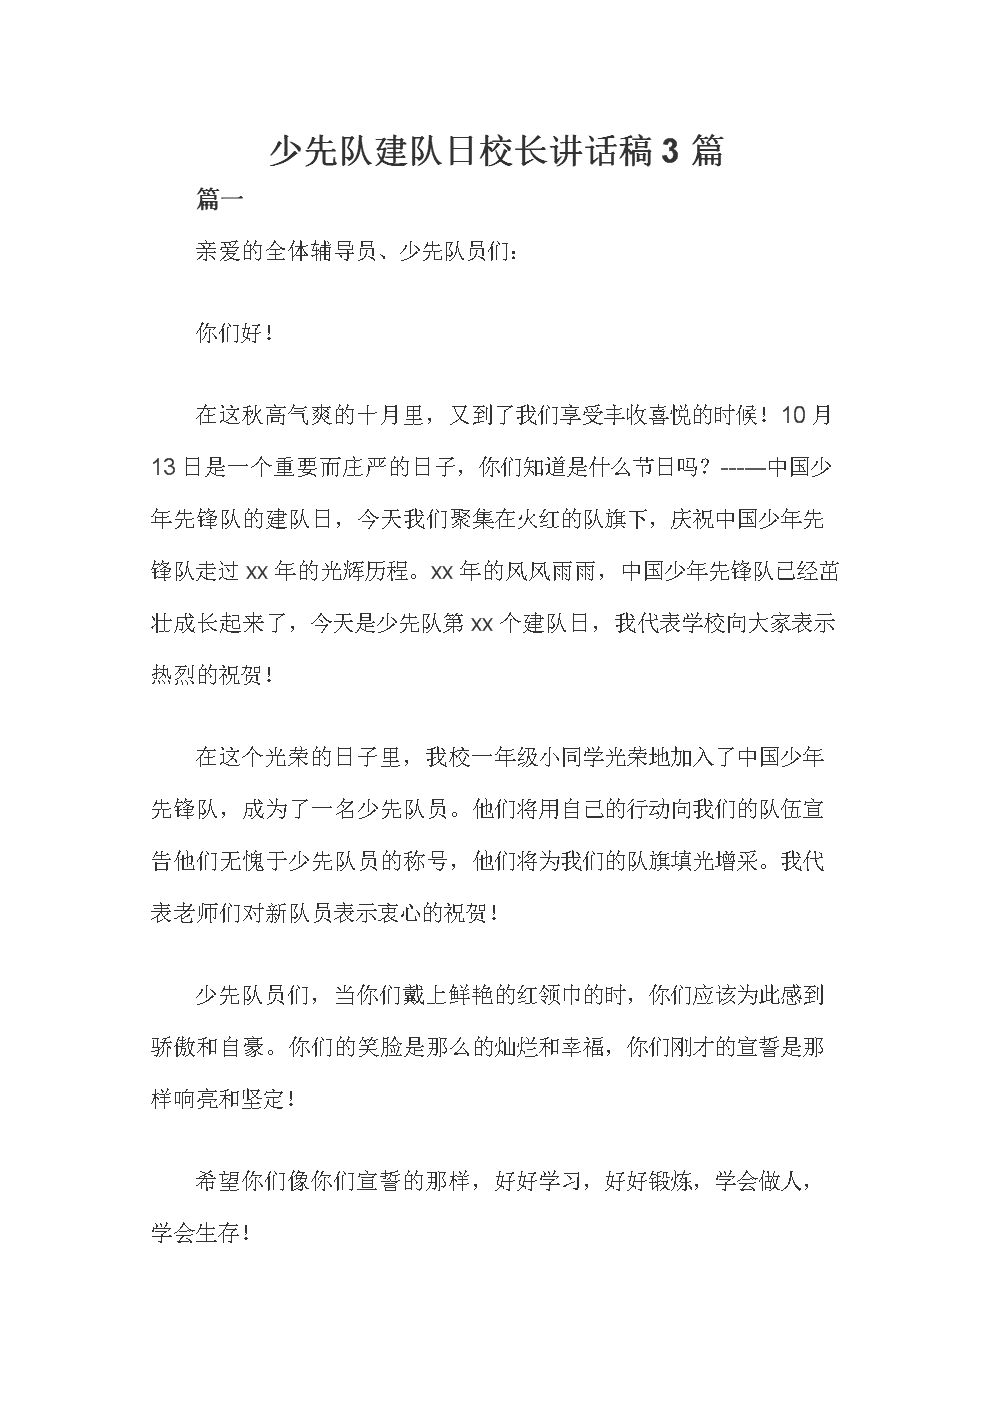 少先队建队日校长讲话稿3篇.doc